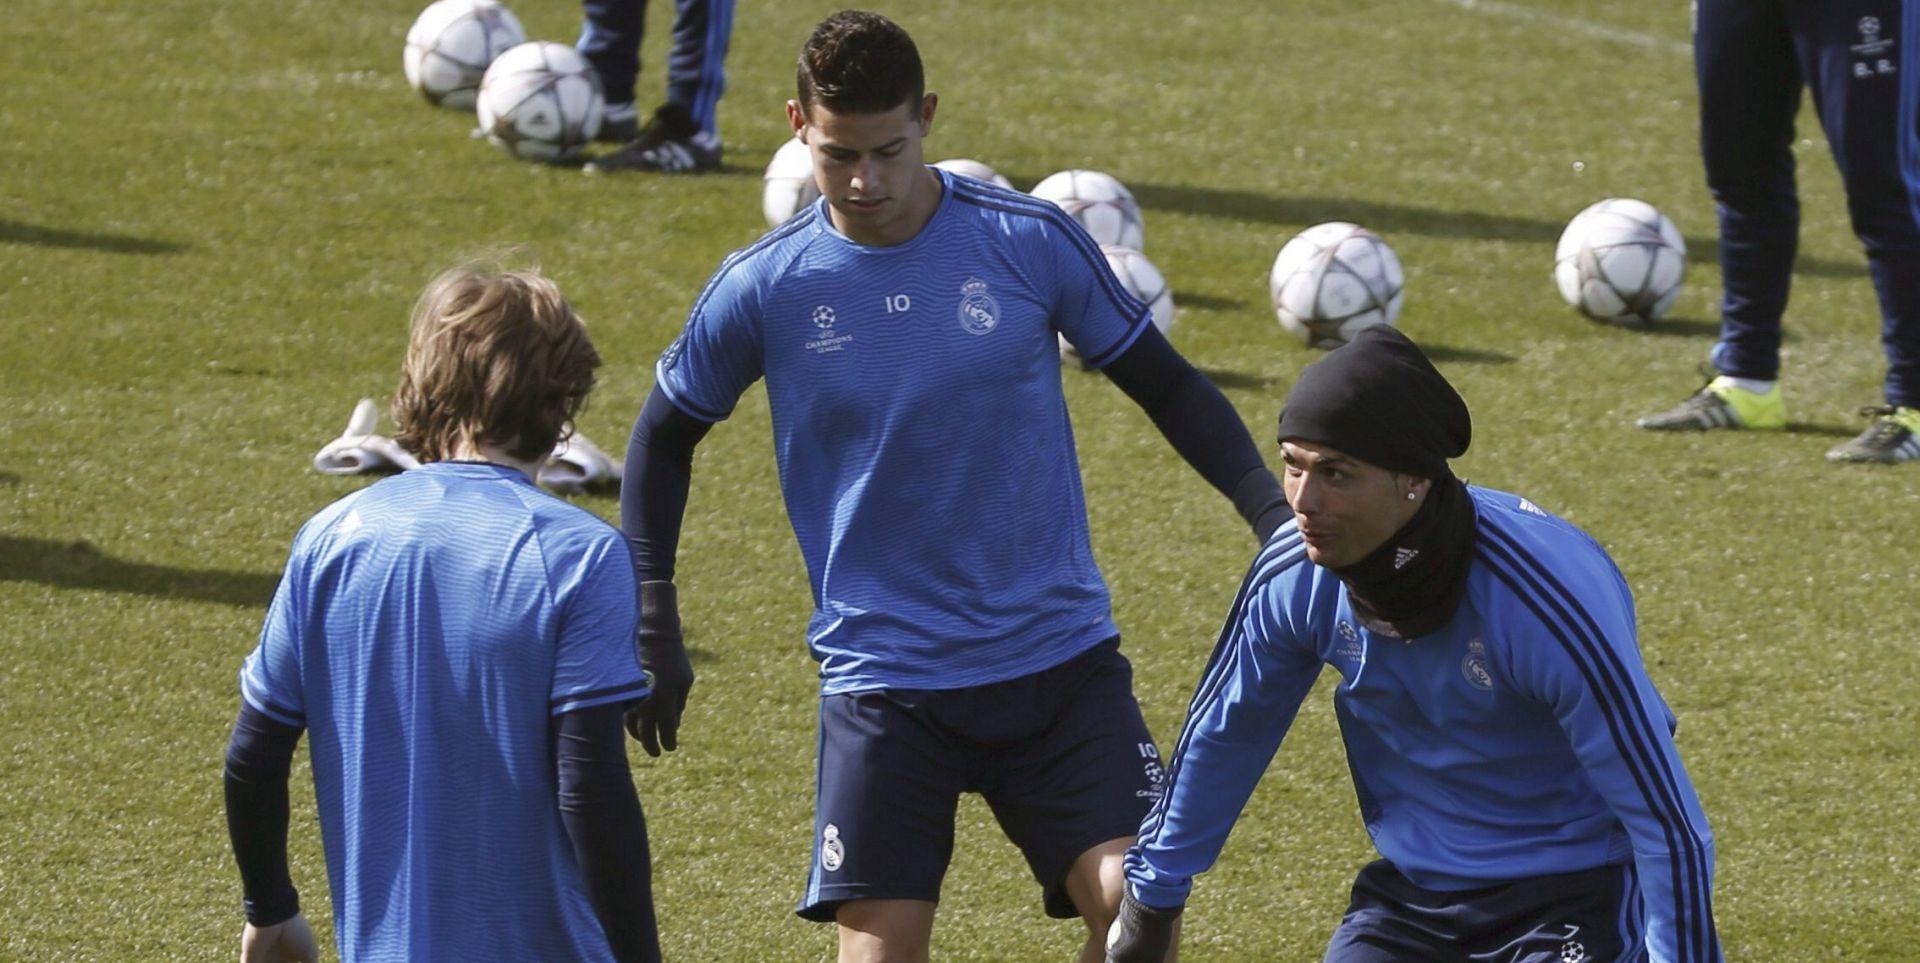 UZVRAT OSMINE FINALA LIGE PRVAKA Luka Modrić vraća se u momčad Reala protiv Rome